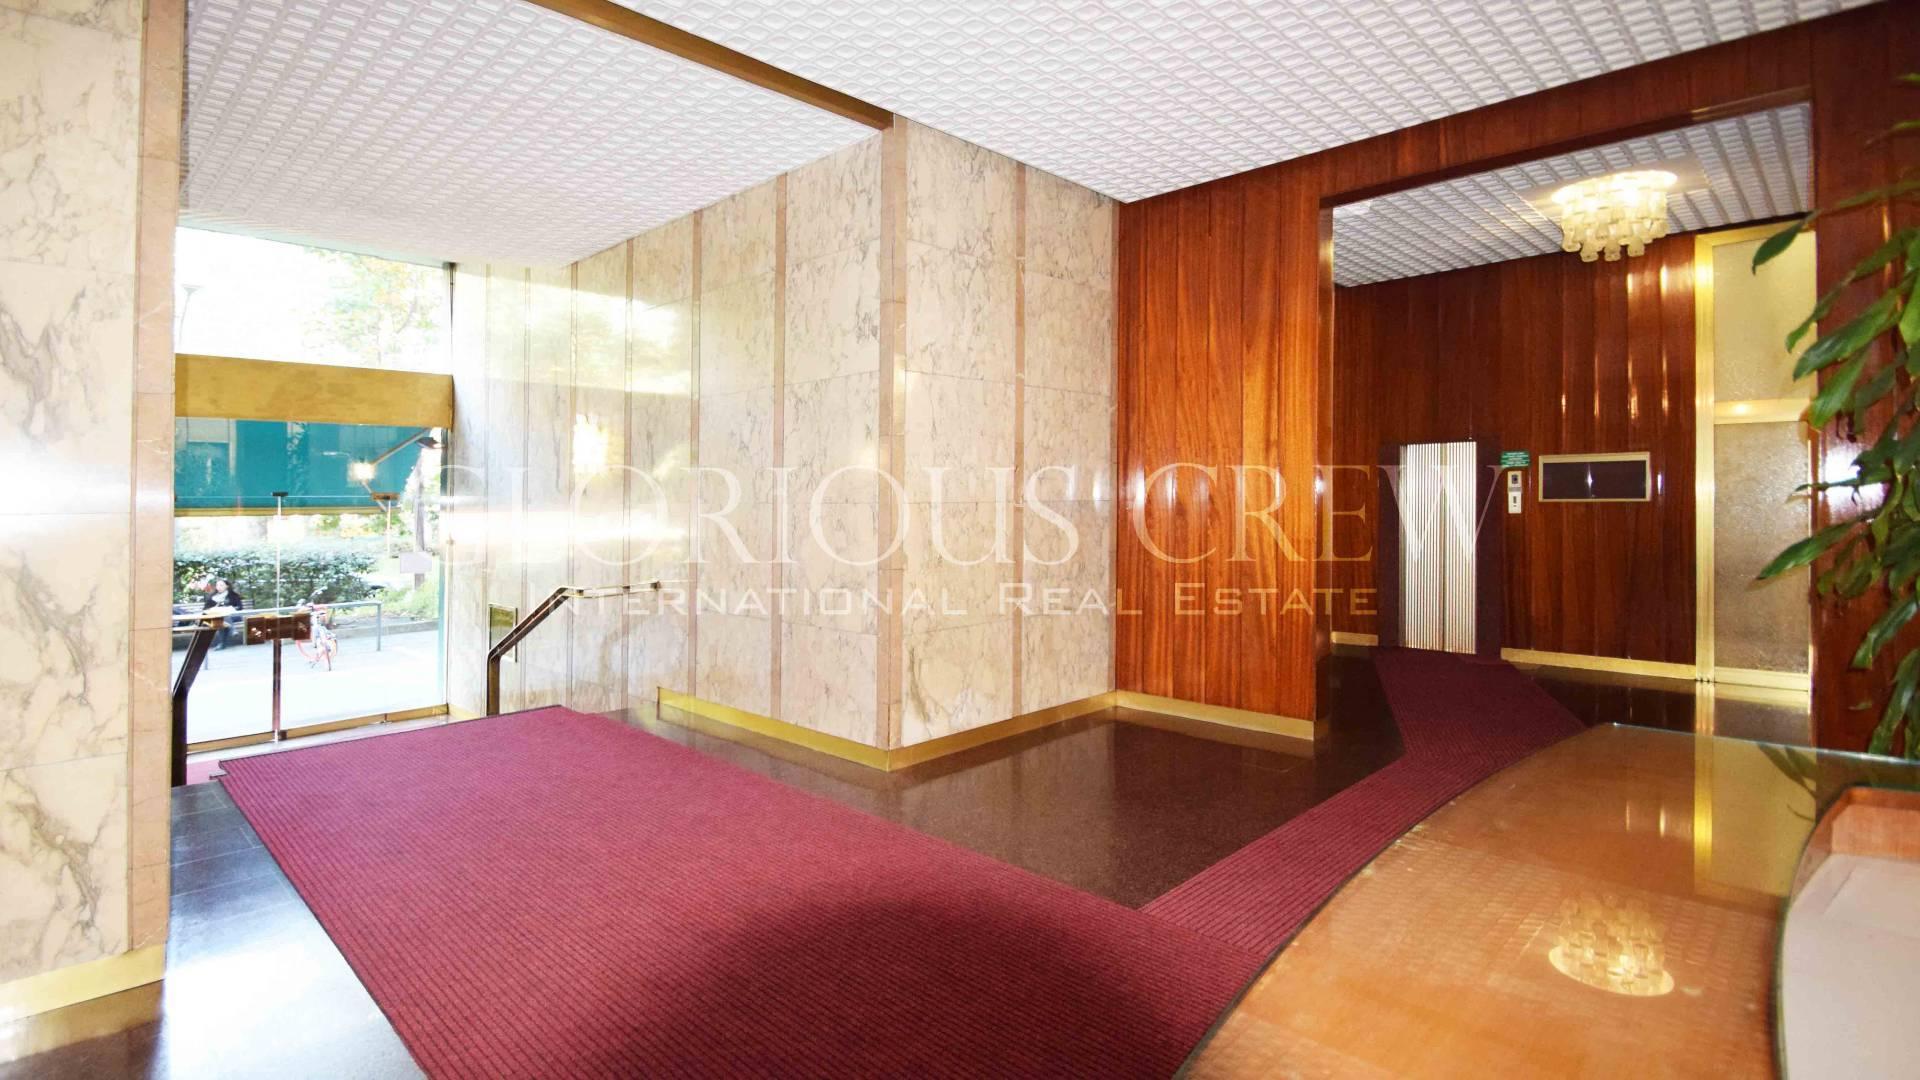 Appartamento in Vendita a Milano: 1 locali, 45 mq - Foto 12